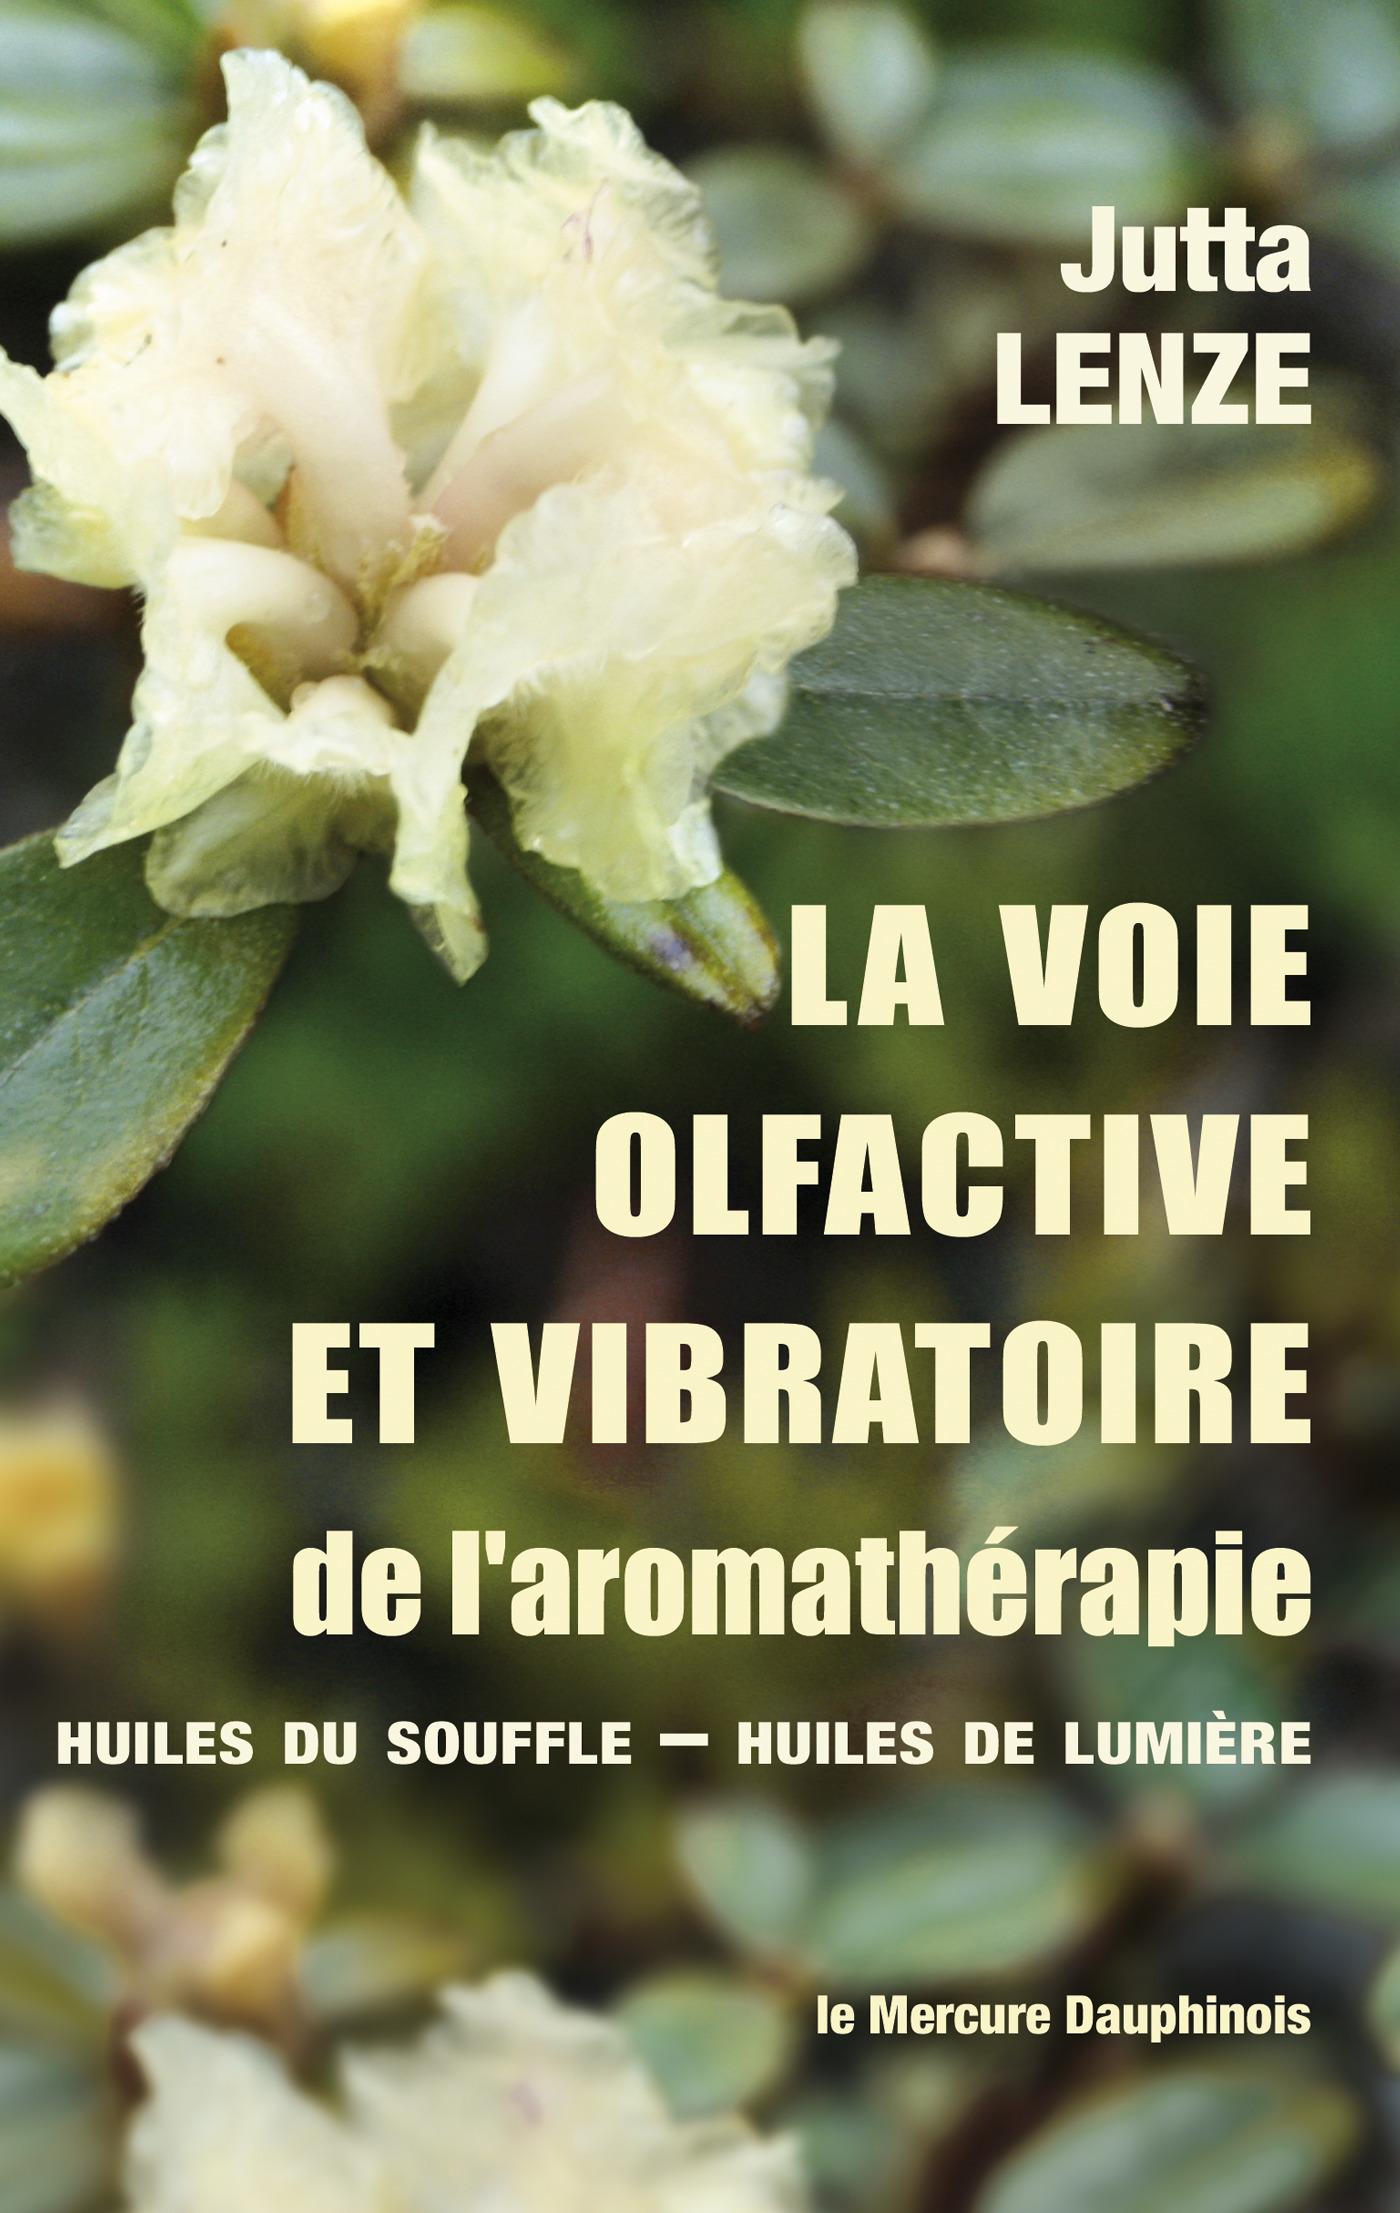 La voie olfactive et vibratoire de l'aromathérapie ; huiles du souffle, huiles de lumière